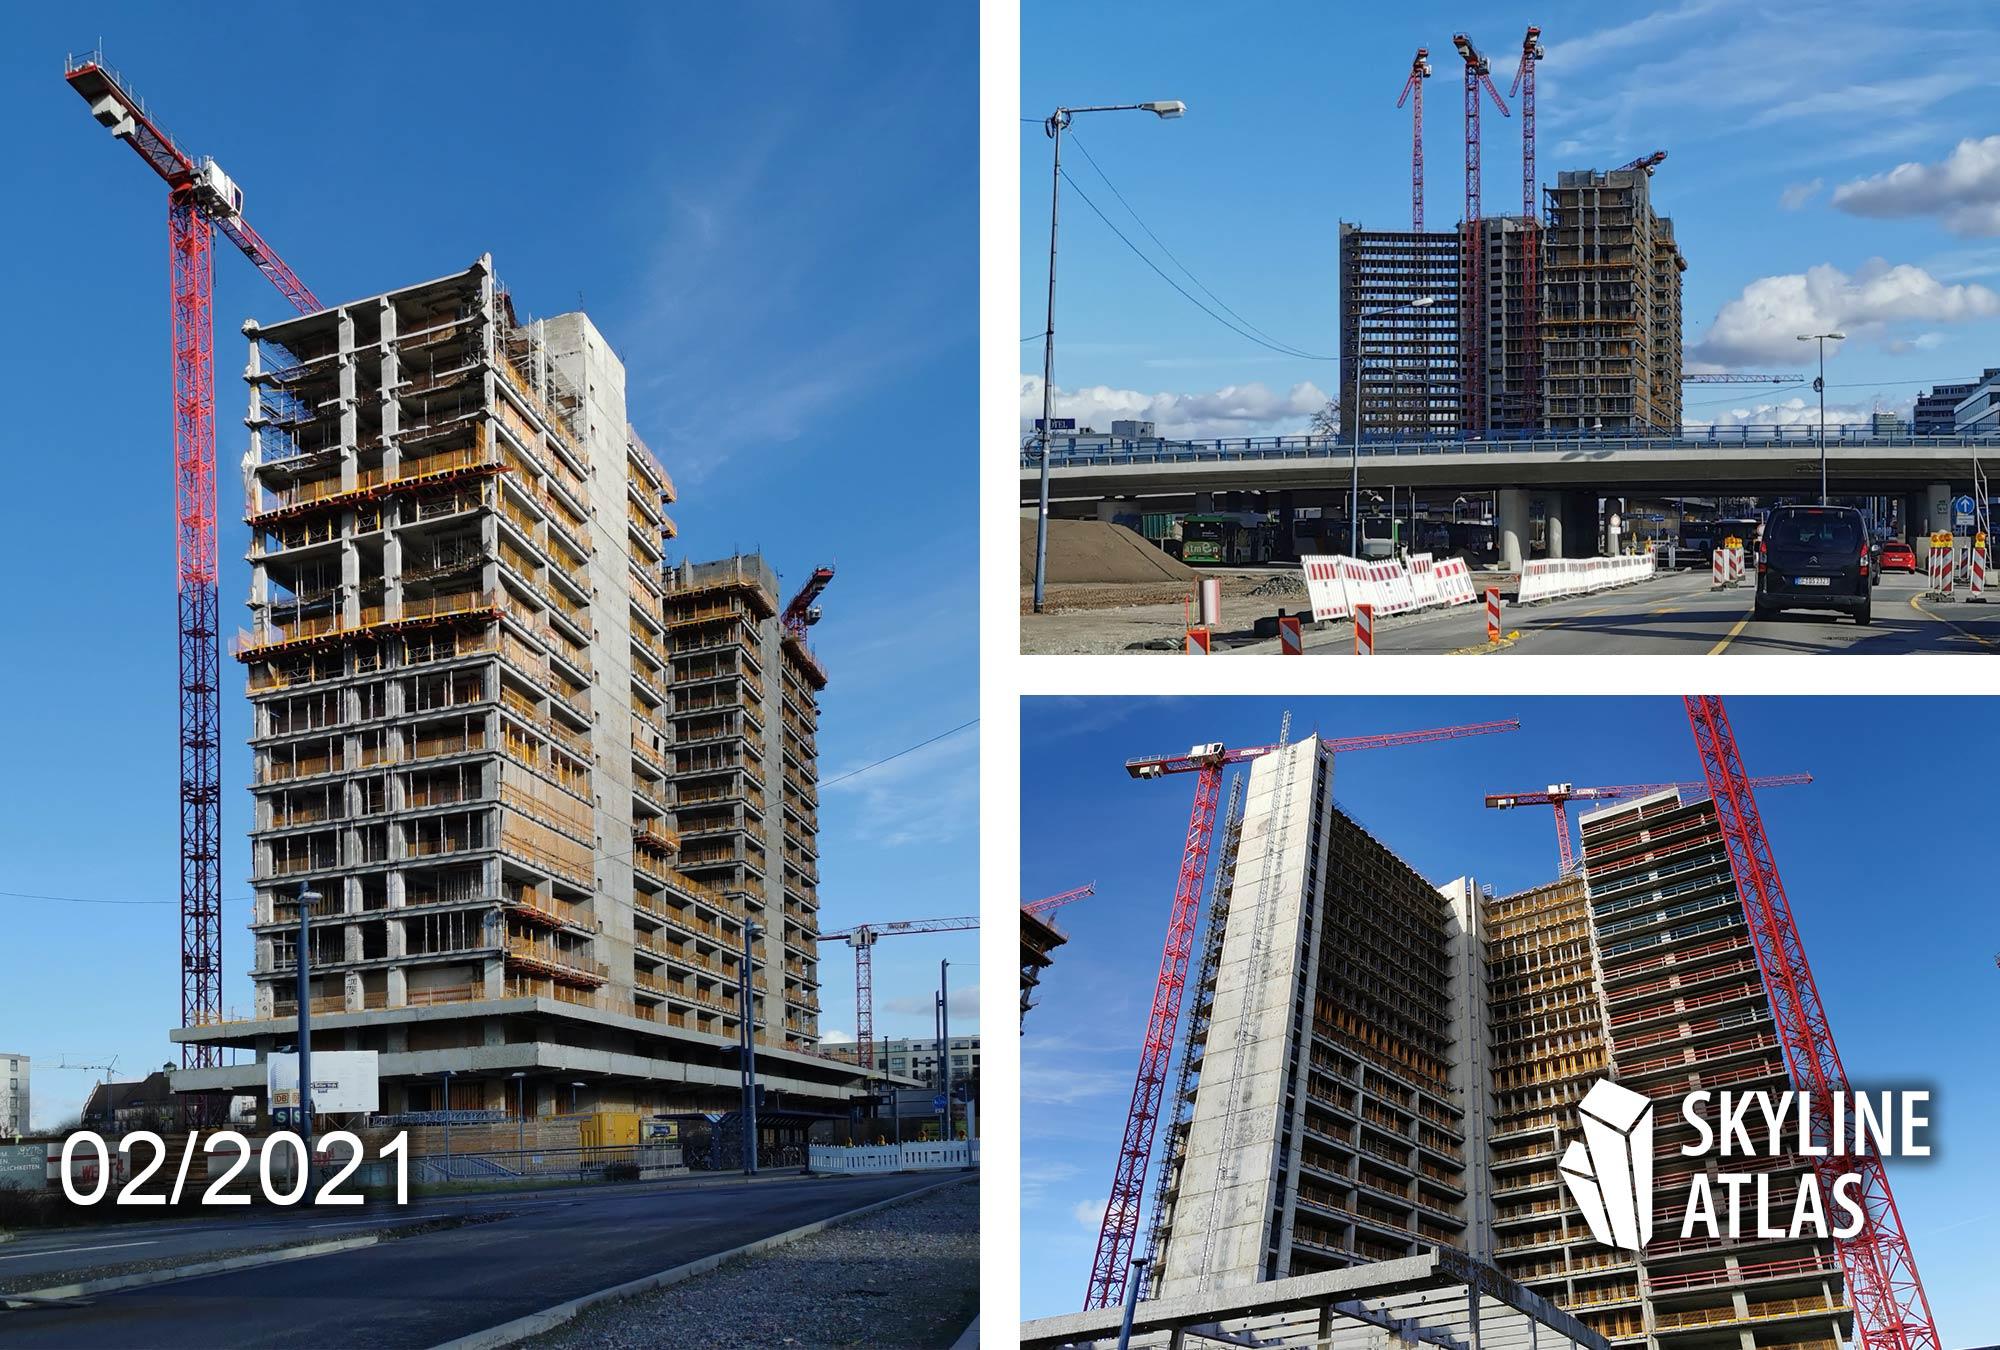 Vitopia Campus Offenbach am Main - Baustelle Februar 2021 - Baufortschritt - Architektur Eike Becker Architekten, Berlin